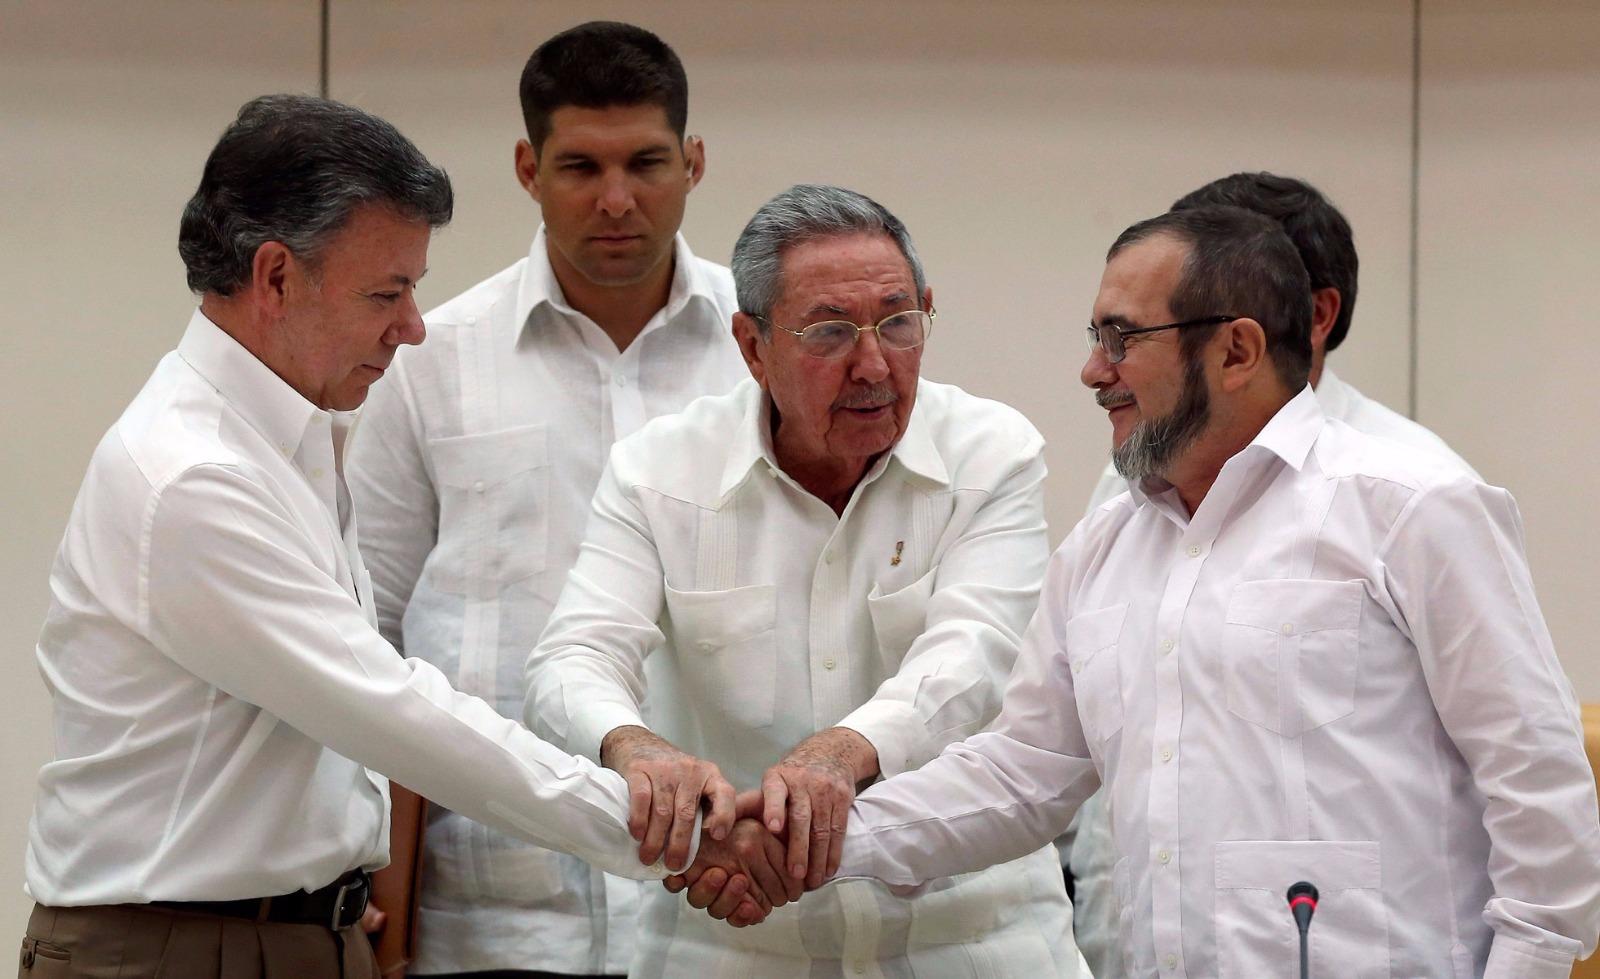 Gobierno Nacional y las FARC acuerdan Justicia transicional, restaurativa y reparadora, la cual fue anunciada ayer.